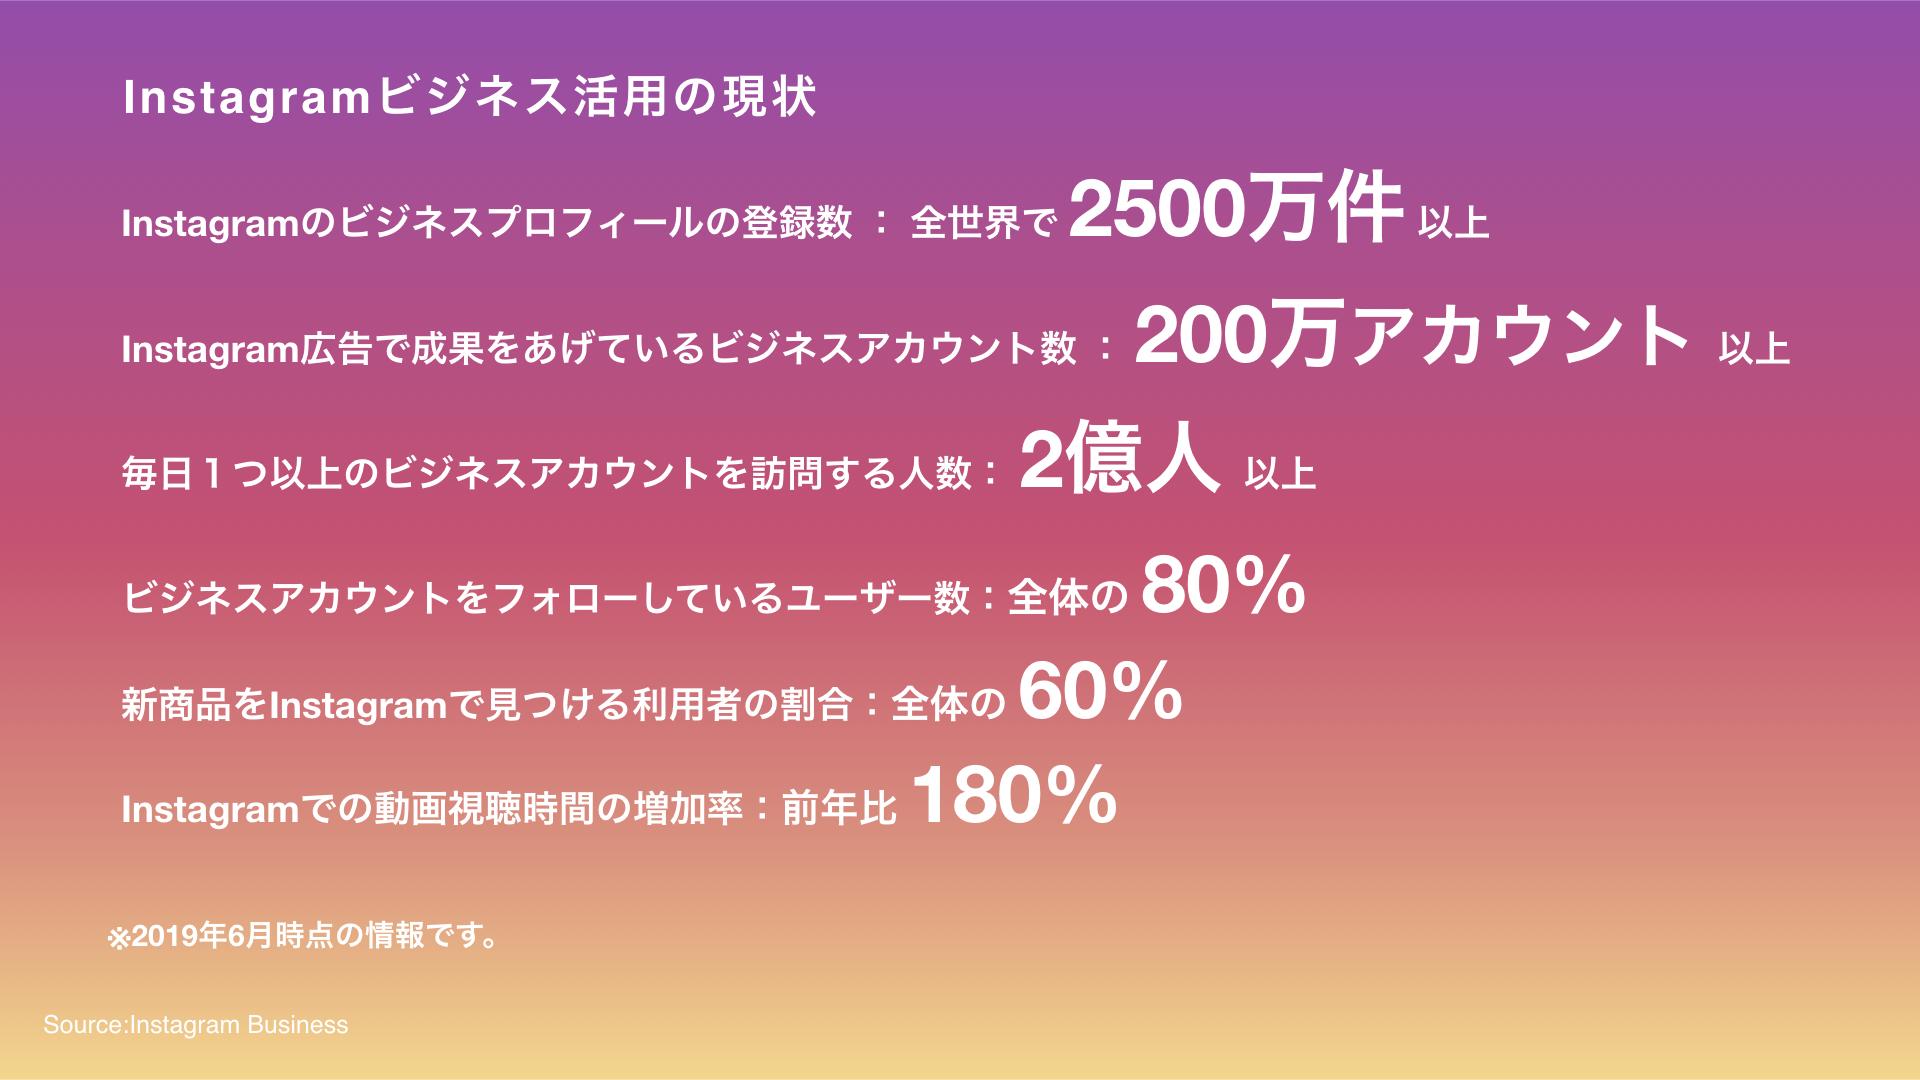 instagram_1_資料_最終.007.jpeg